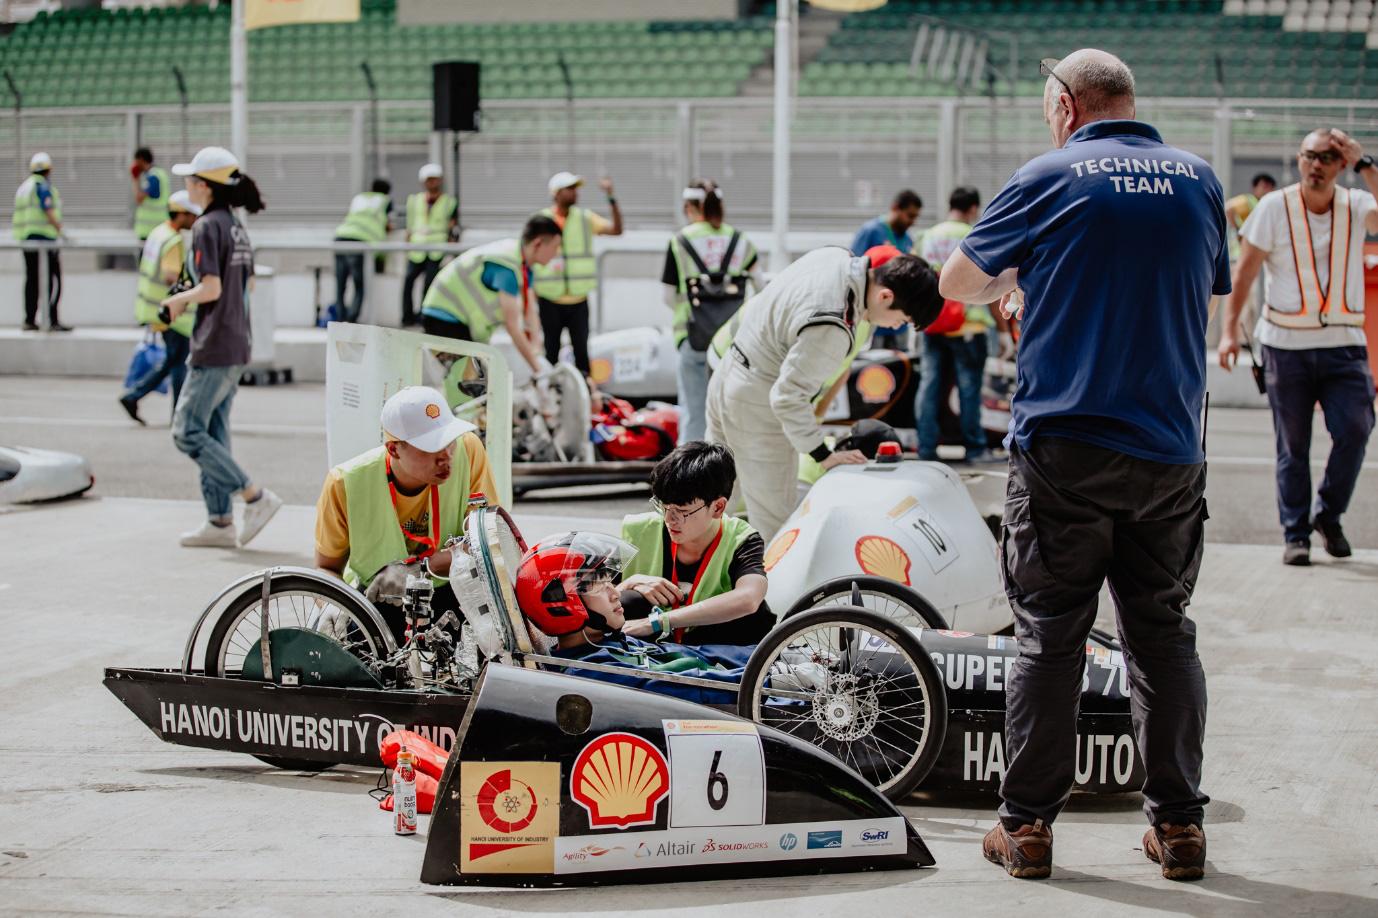 Những người trẻ Việt đam mê chế tạo ô tô ngày ấy và bây giờ: Hào quang dẫn lối hành trình chinh phục thế giới - Ảnh 9.